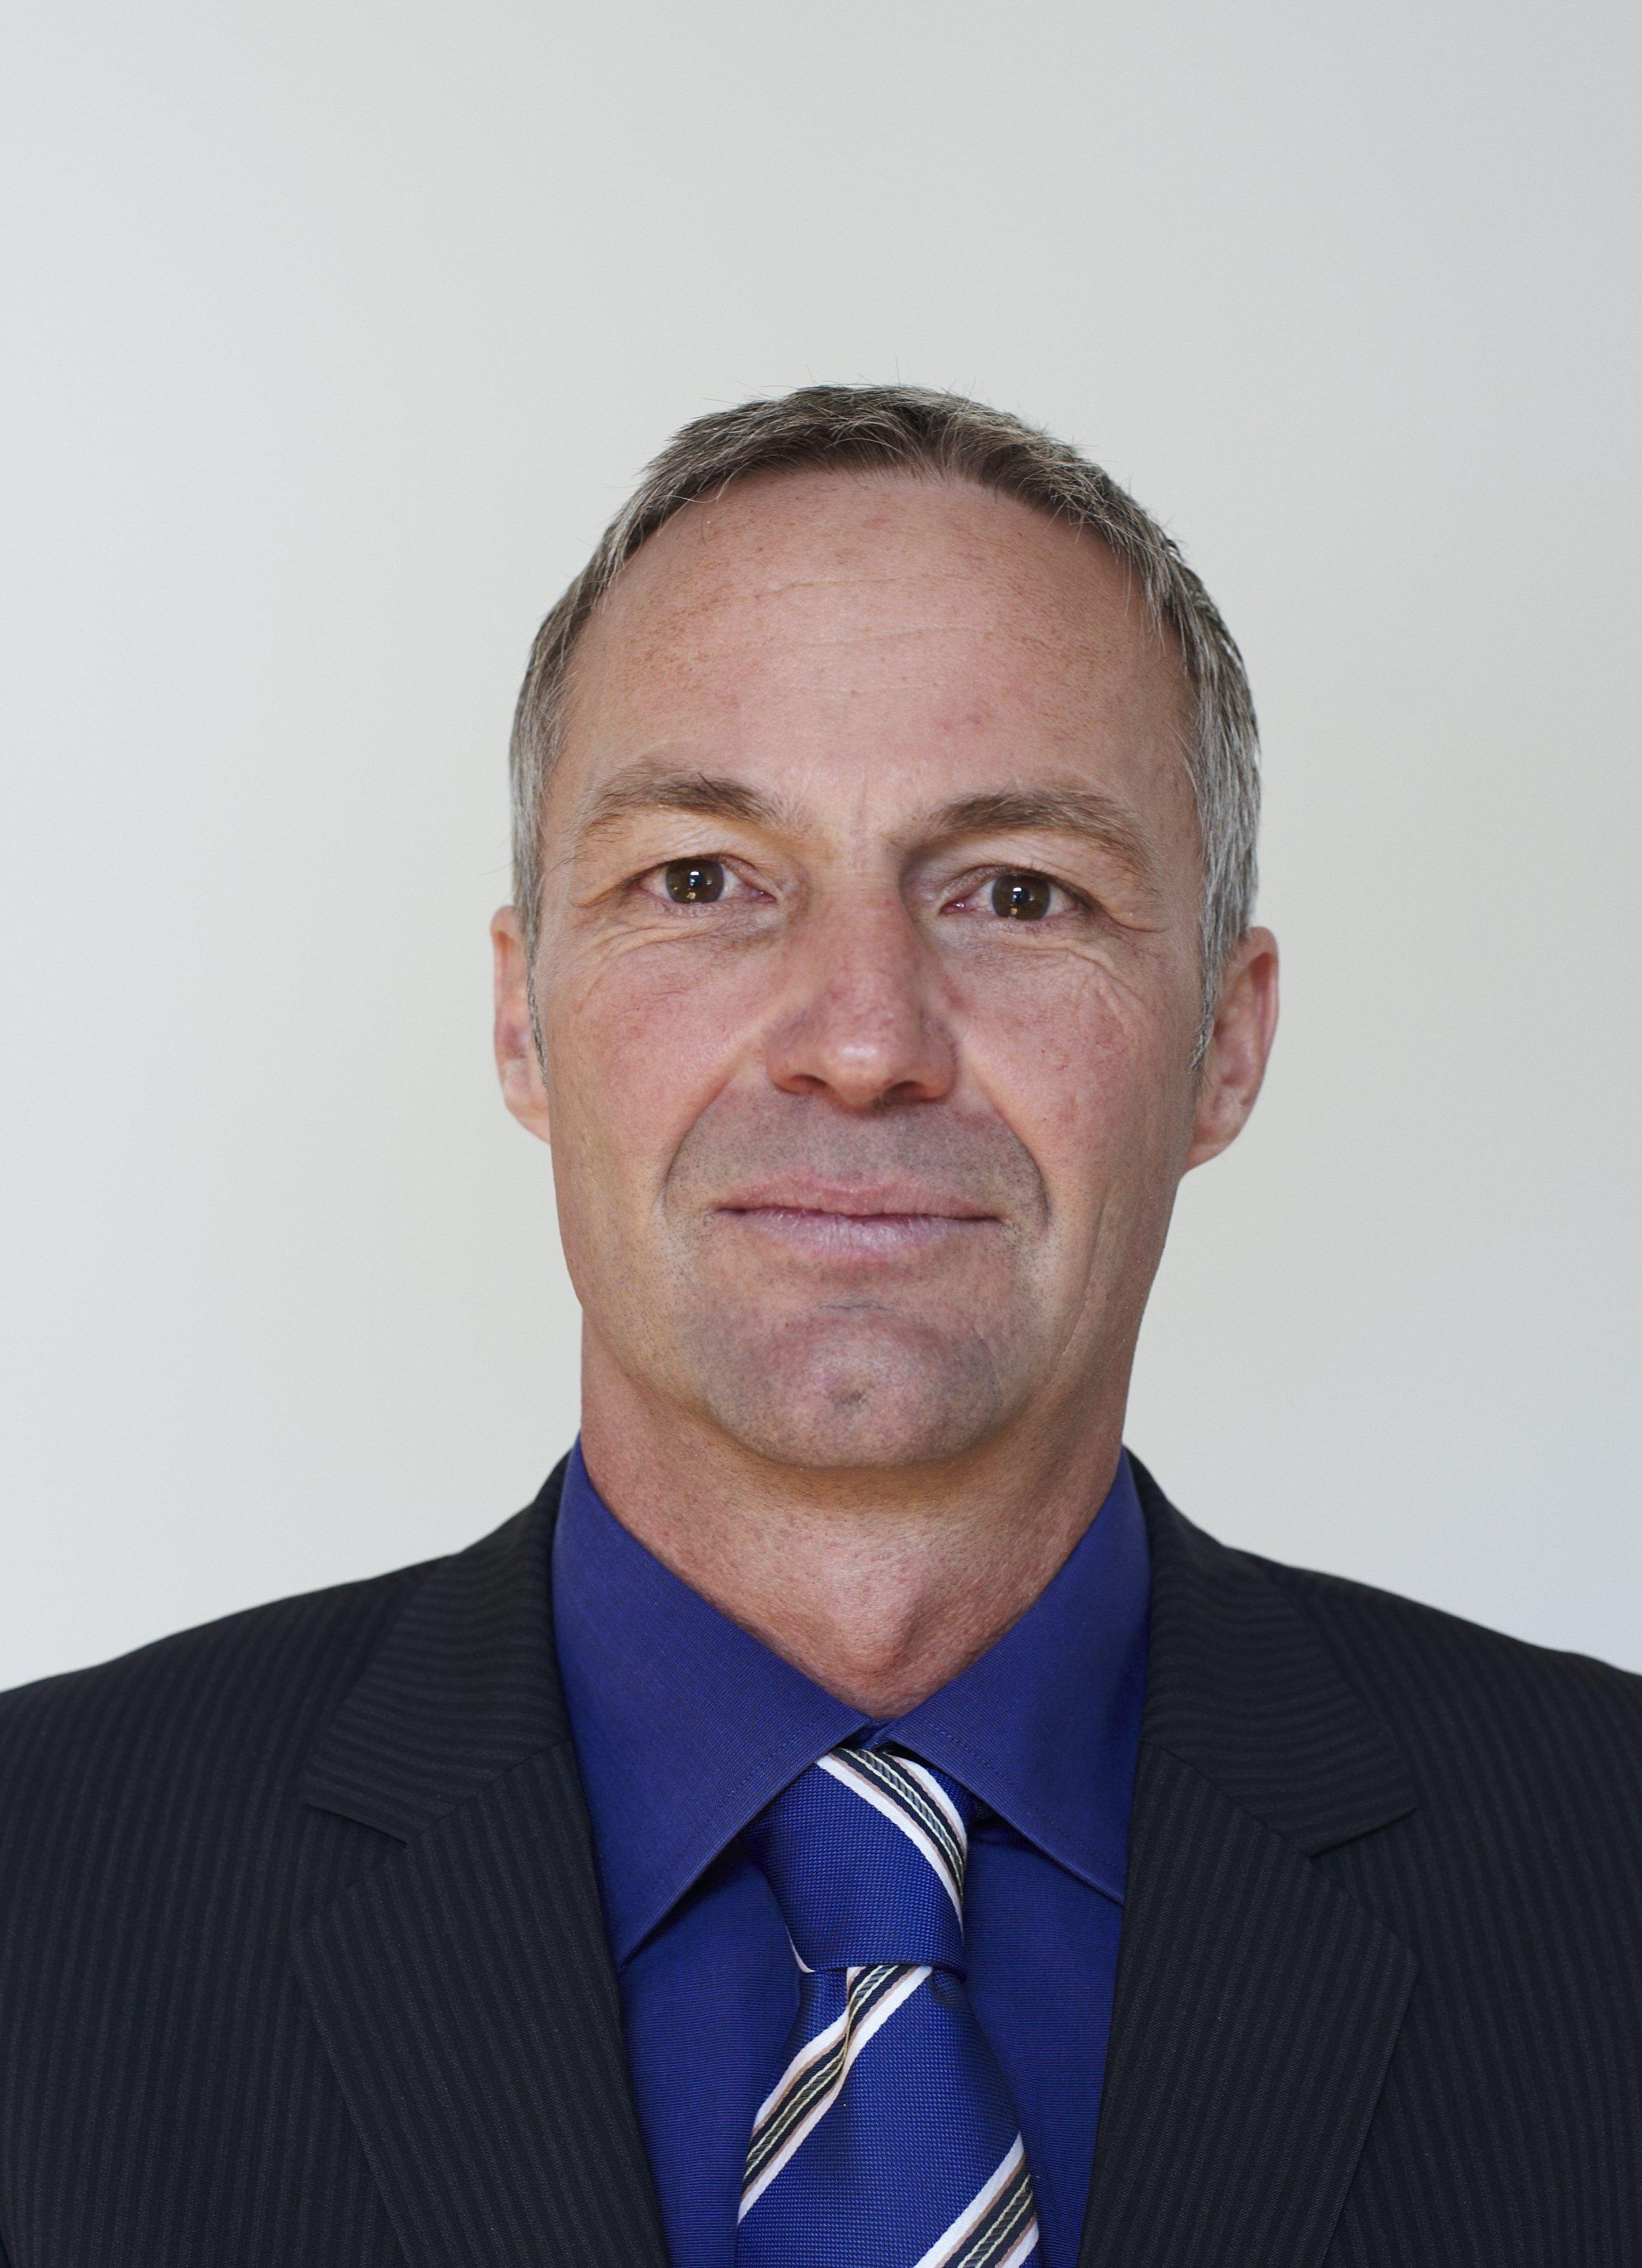 Matthias Diete, Cubia AG